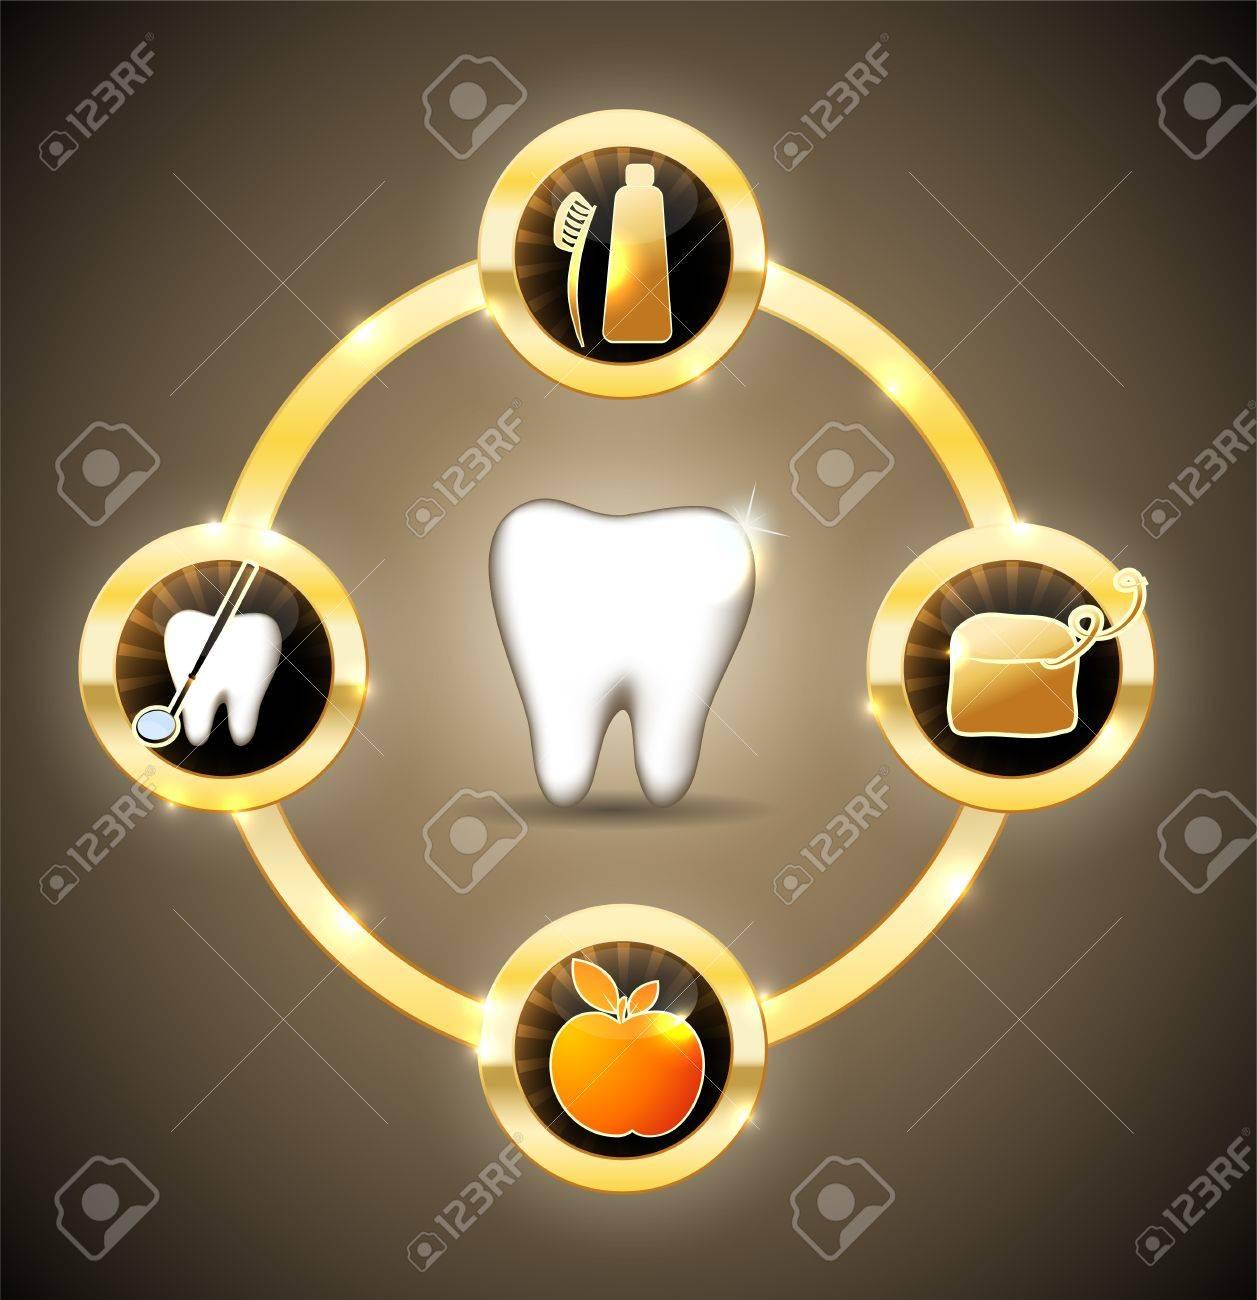 Healthy teeth wheel  Golden design Stock Vector - 21953261